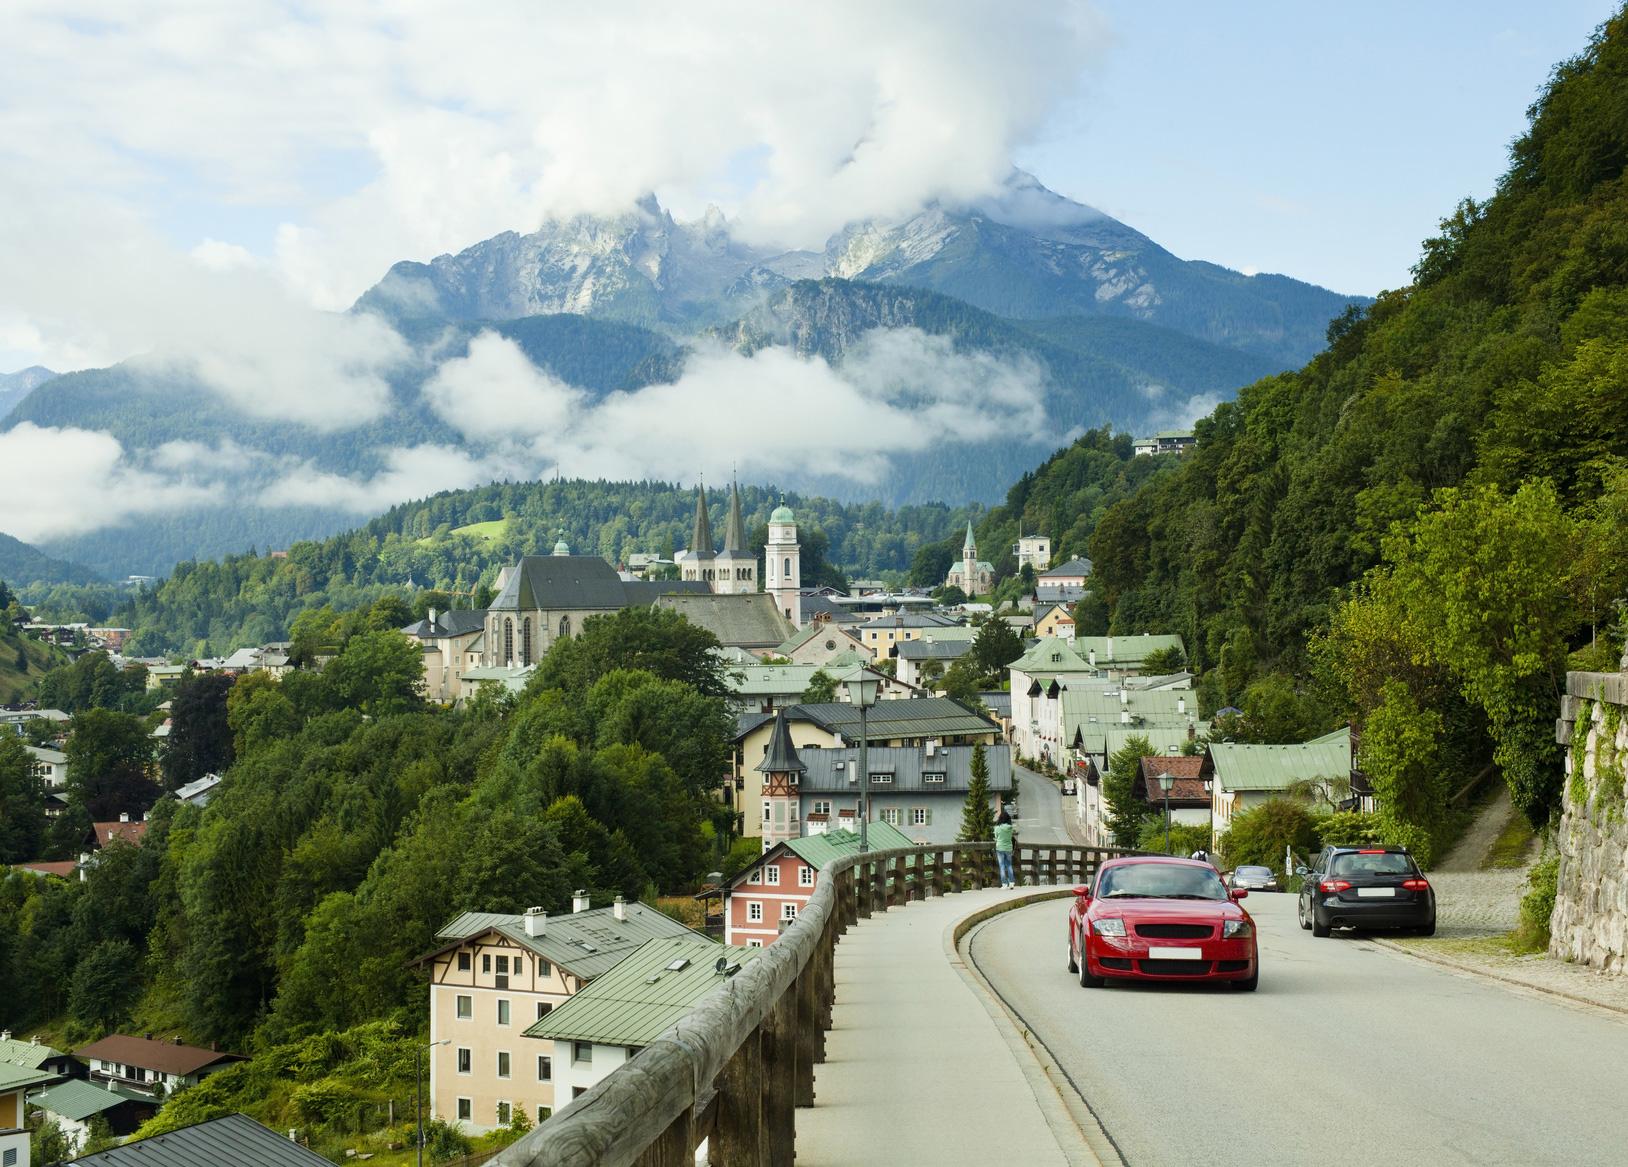 Urlaub im Berchtesgadener Land – ob die Anreise schon zu diesem entspannenden Erlebnis gehört, hängt vor allem von der Reiseform ab: Auto, Bahn und Flugzeug haben unterschiedliche Vor- und Nachteile.